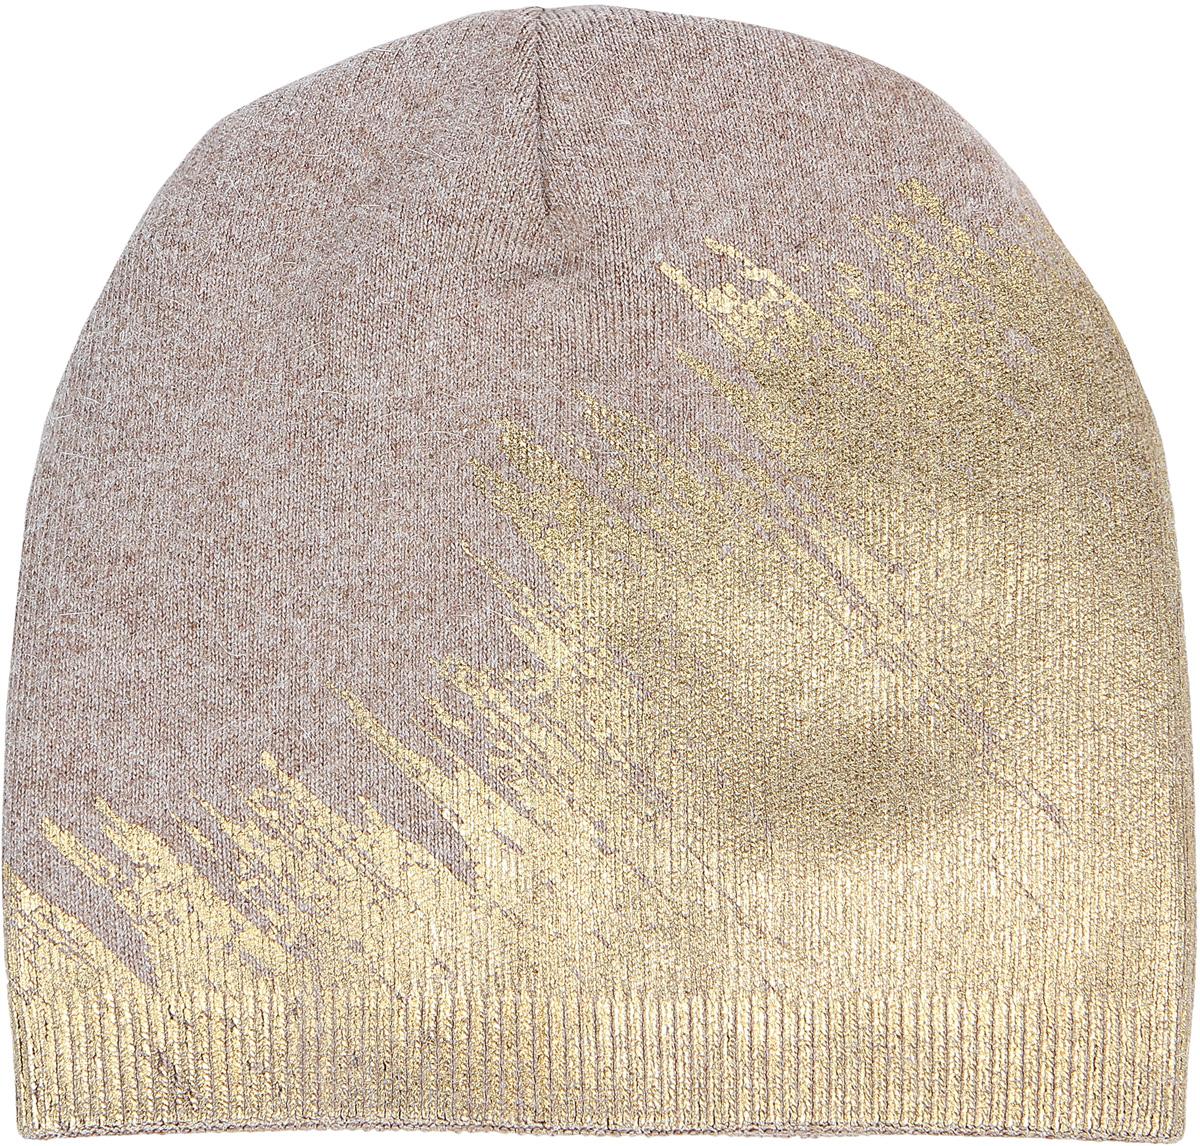 Шапка женская Модные истории, цвет: бежевый. 4/0056/006. Размер универсальный4/0056/006Яркая стильная женская шапка с геоморфным блестящим рисунком, выполненным в технике фольгированной накатки.